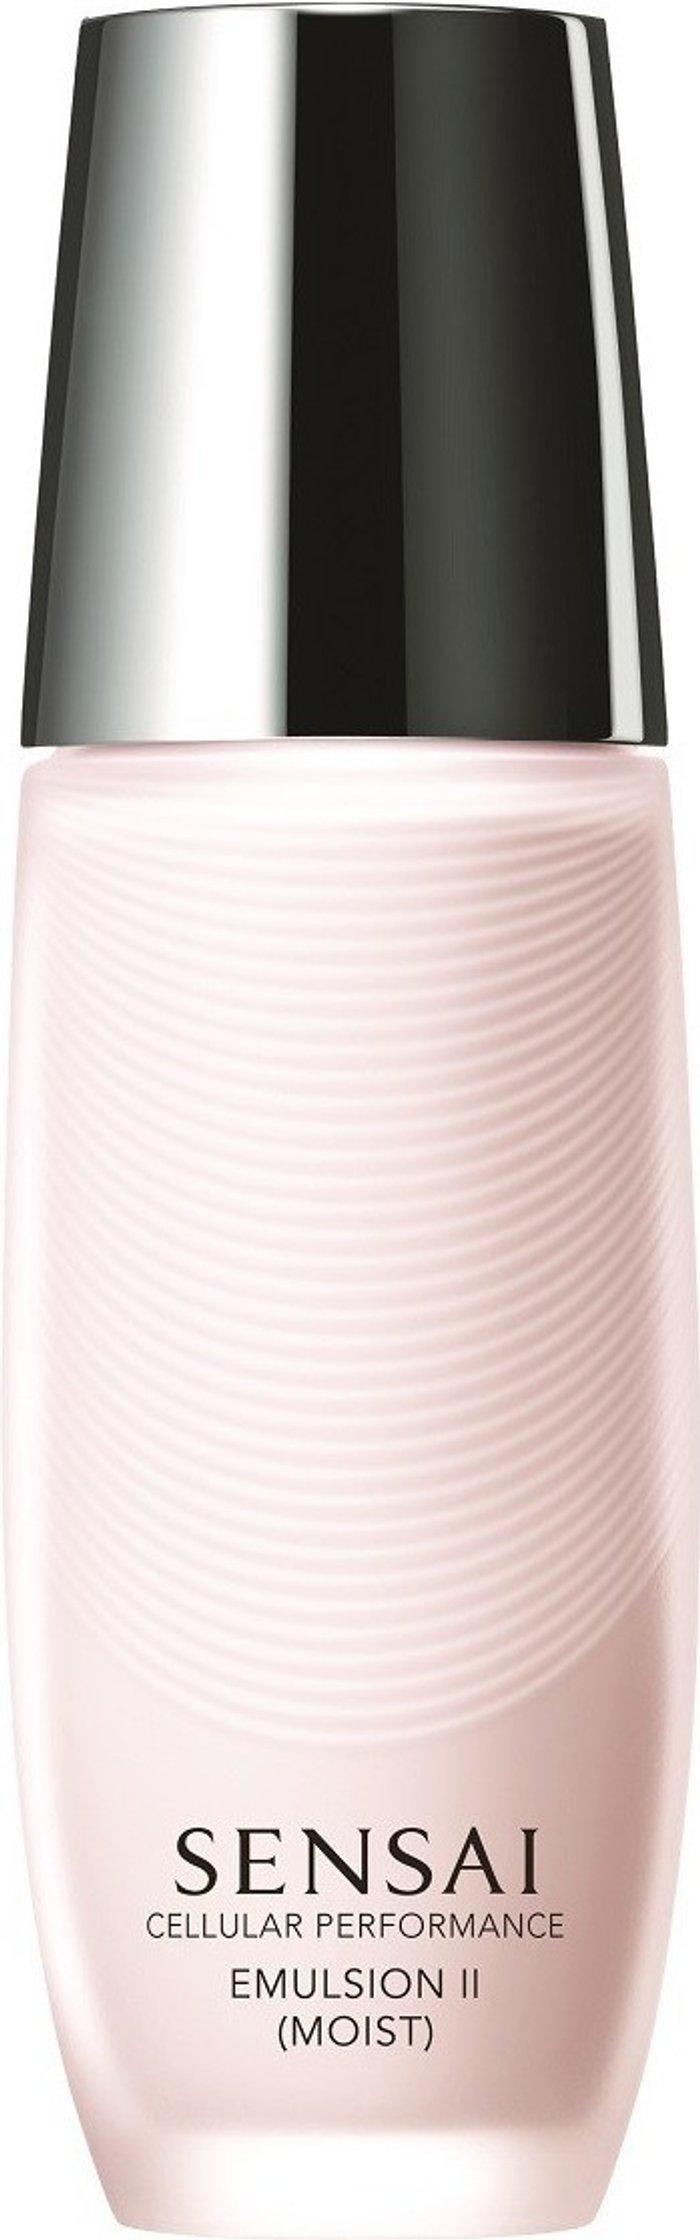 Kanebo Kanebo Sensai Cellular Emulsion II (Moist) (100ml)